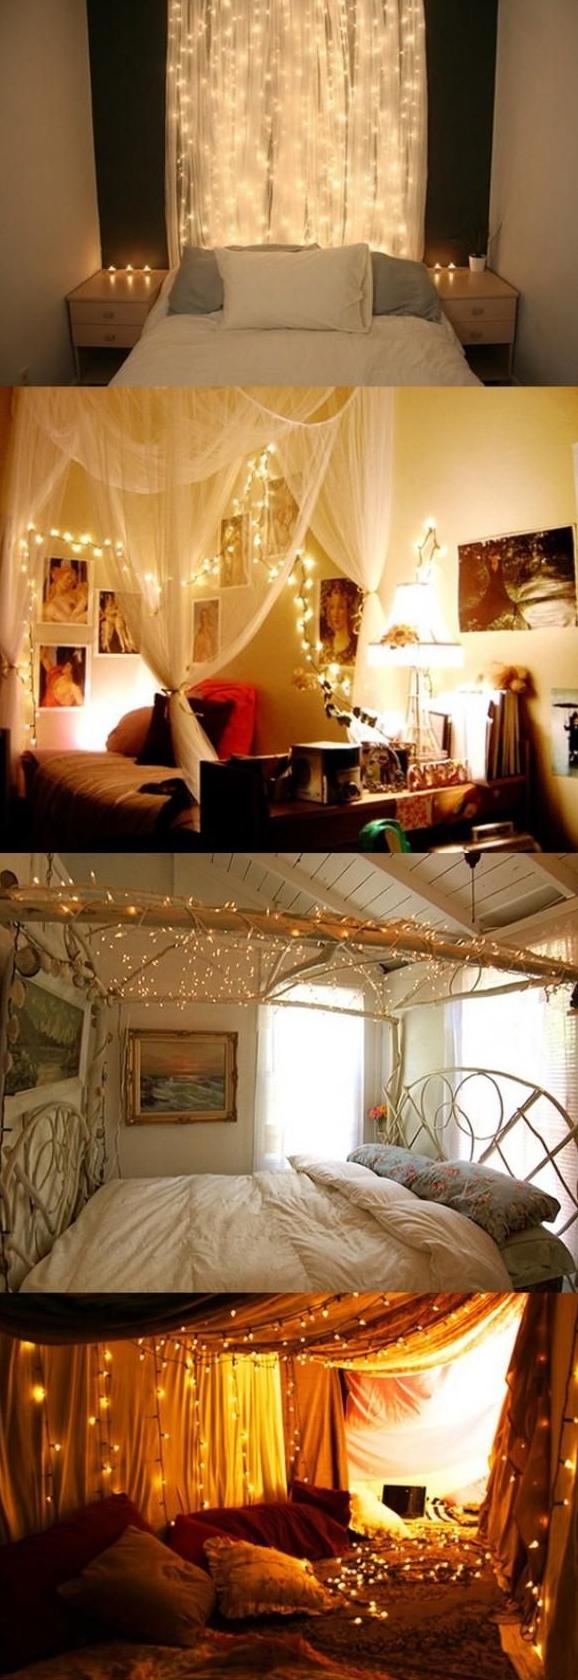 cute fairy light ideas second one room decor decor bedroom lighting on cute lights for bedroom decorating ideas id=96364